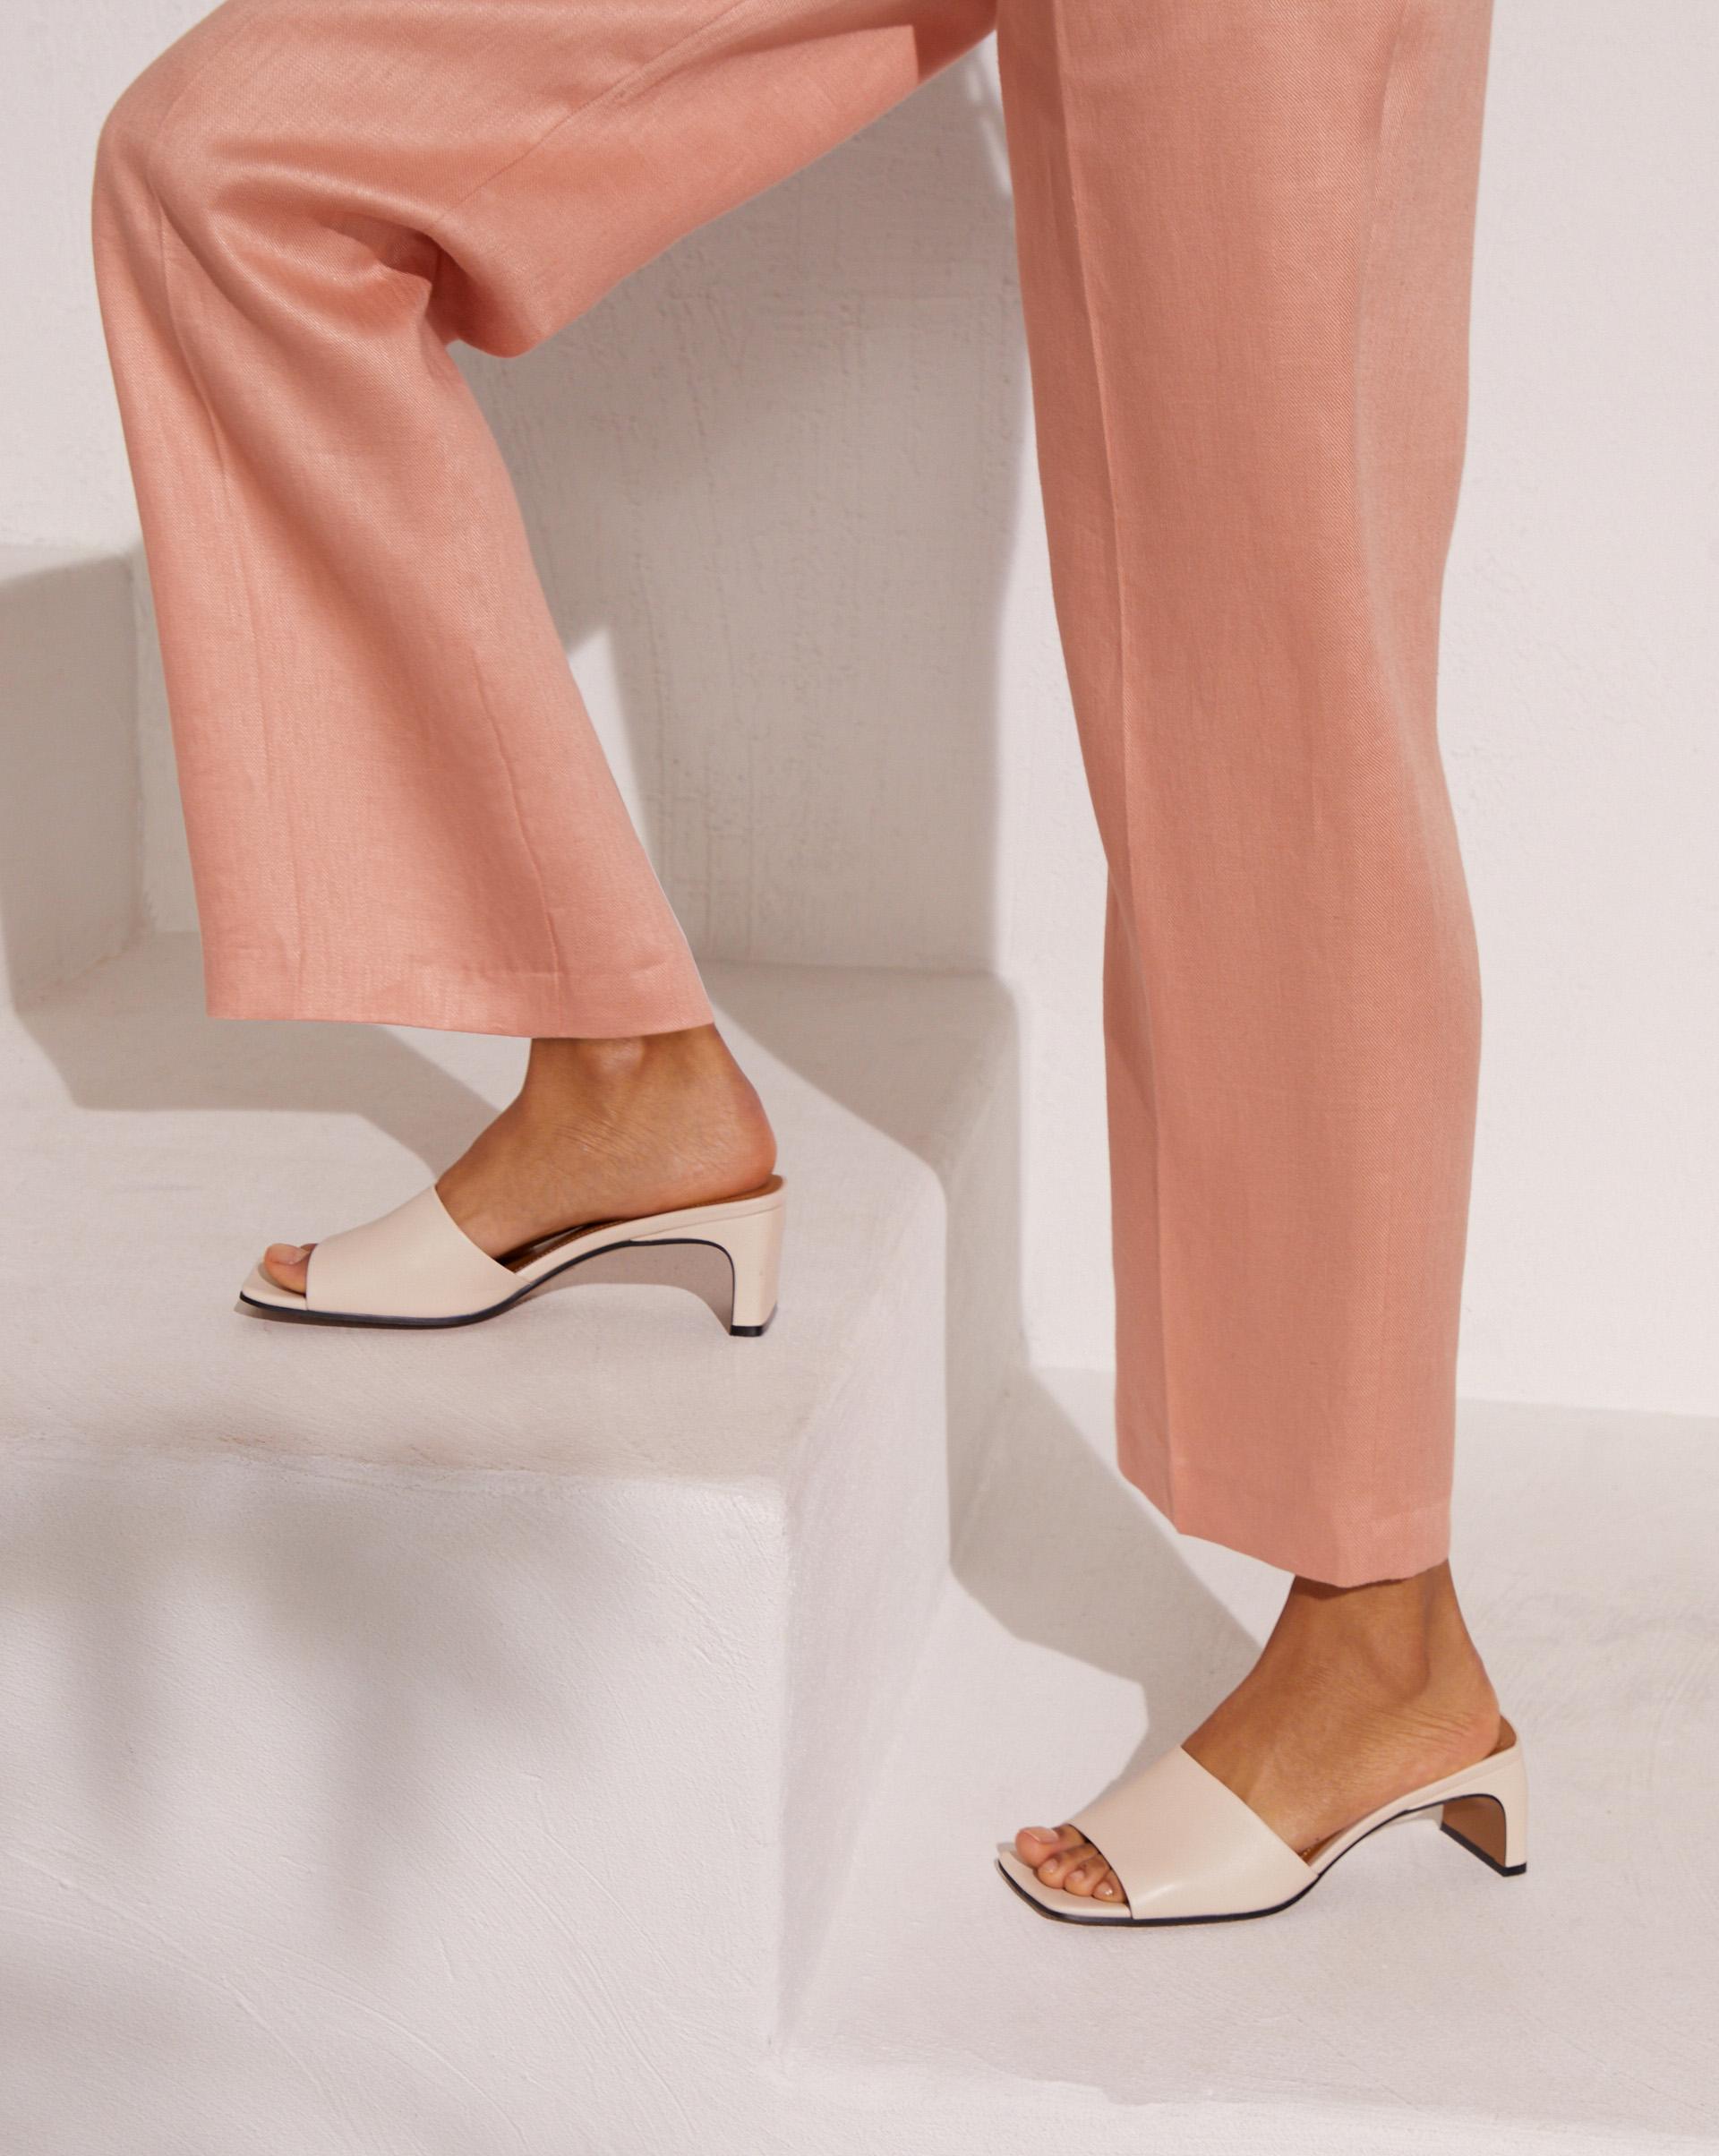 12⠀STOREEZ Мюли на широком каблуке ботинки laredoute из кожи на широком каблуке с питоновым принтом 39 бежевый